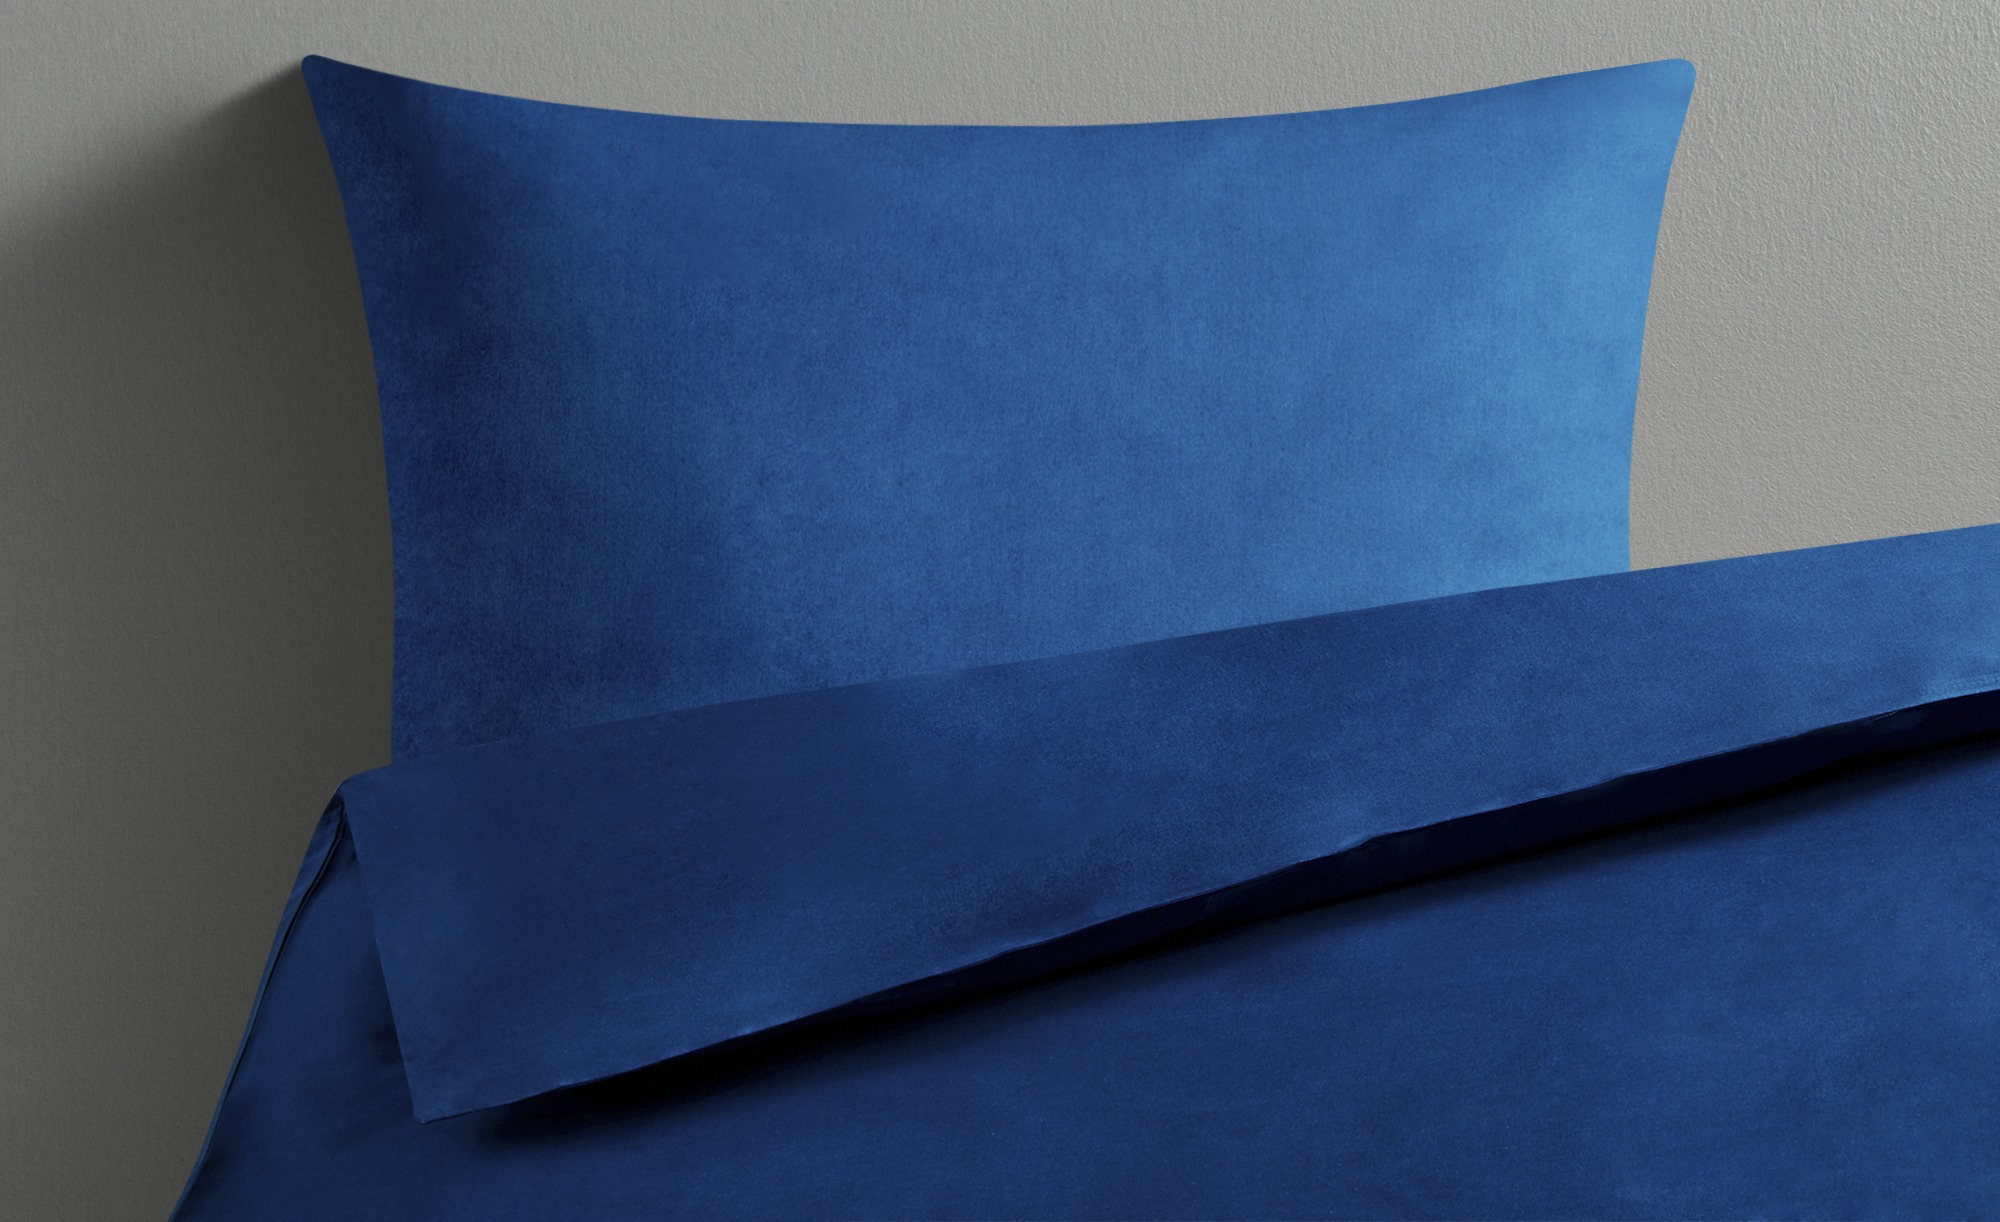 LAVIDA Bettwäsche  Uni Satin ¦ blau ¦ reine Baumwolle ¦ Maße (cm): B: 135 Bettwaren > Bettwäsche-Sets > weitere Bettwäschesets - Höffner